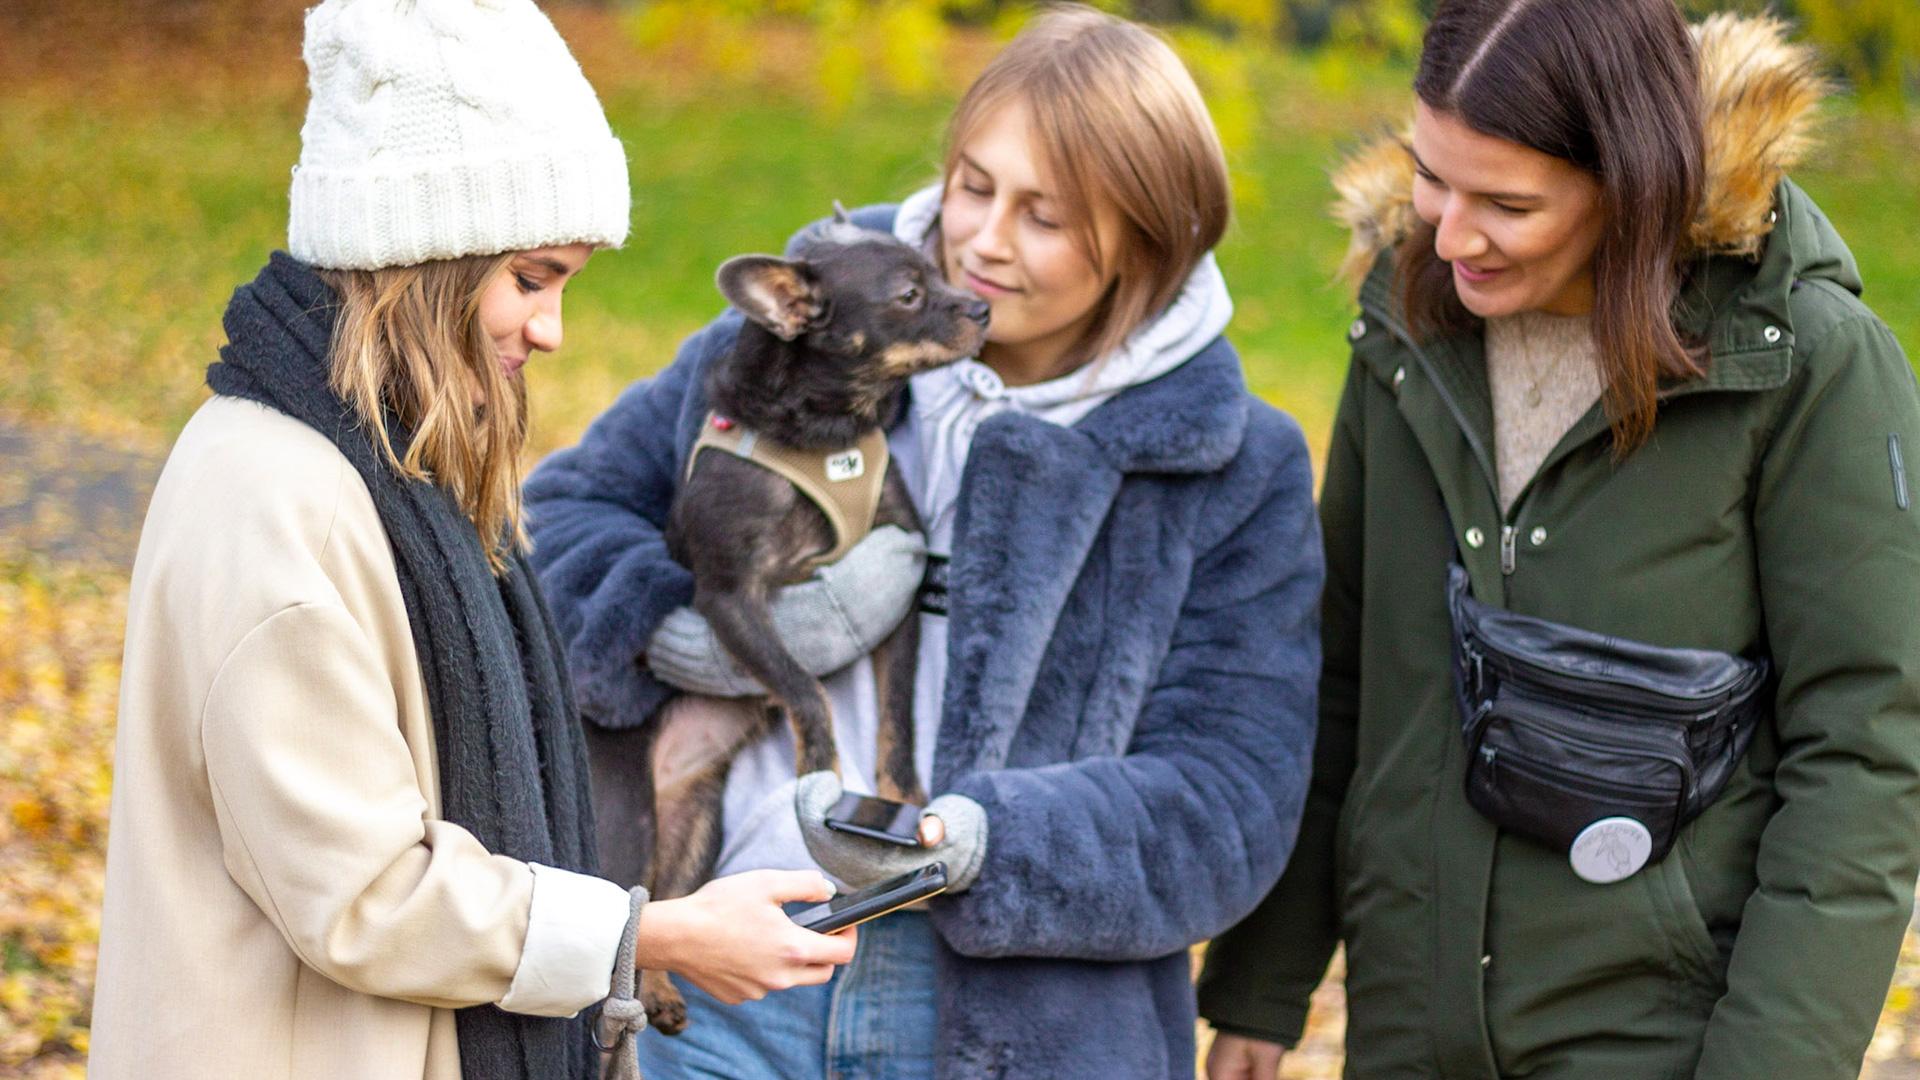 Drei Mädchen stehen draußen zusammen, eine trägt einen Hund auf dem Arm.